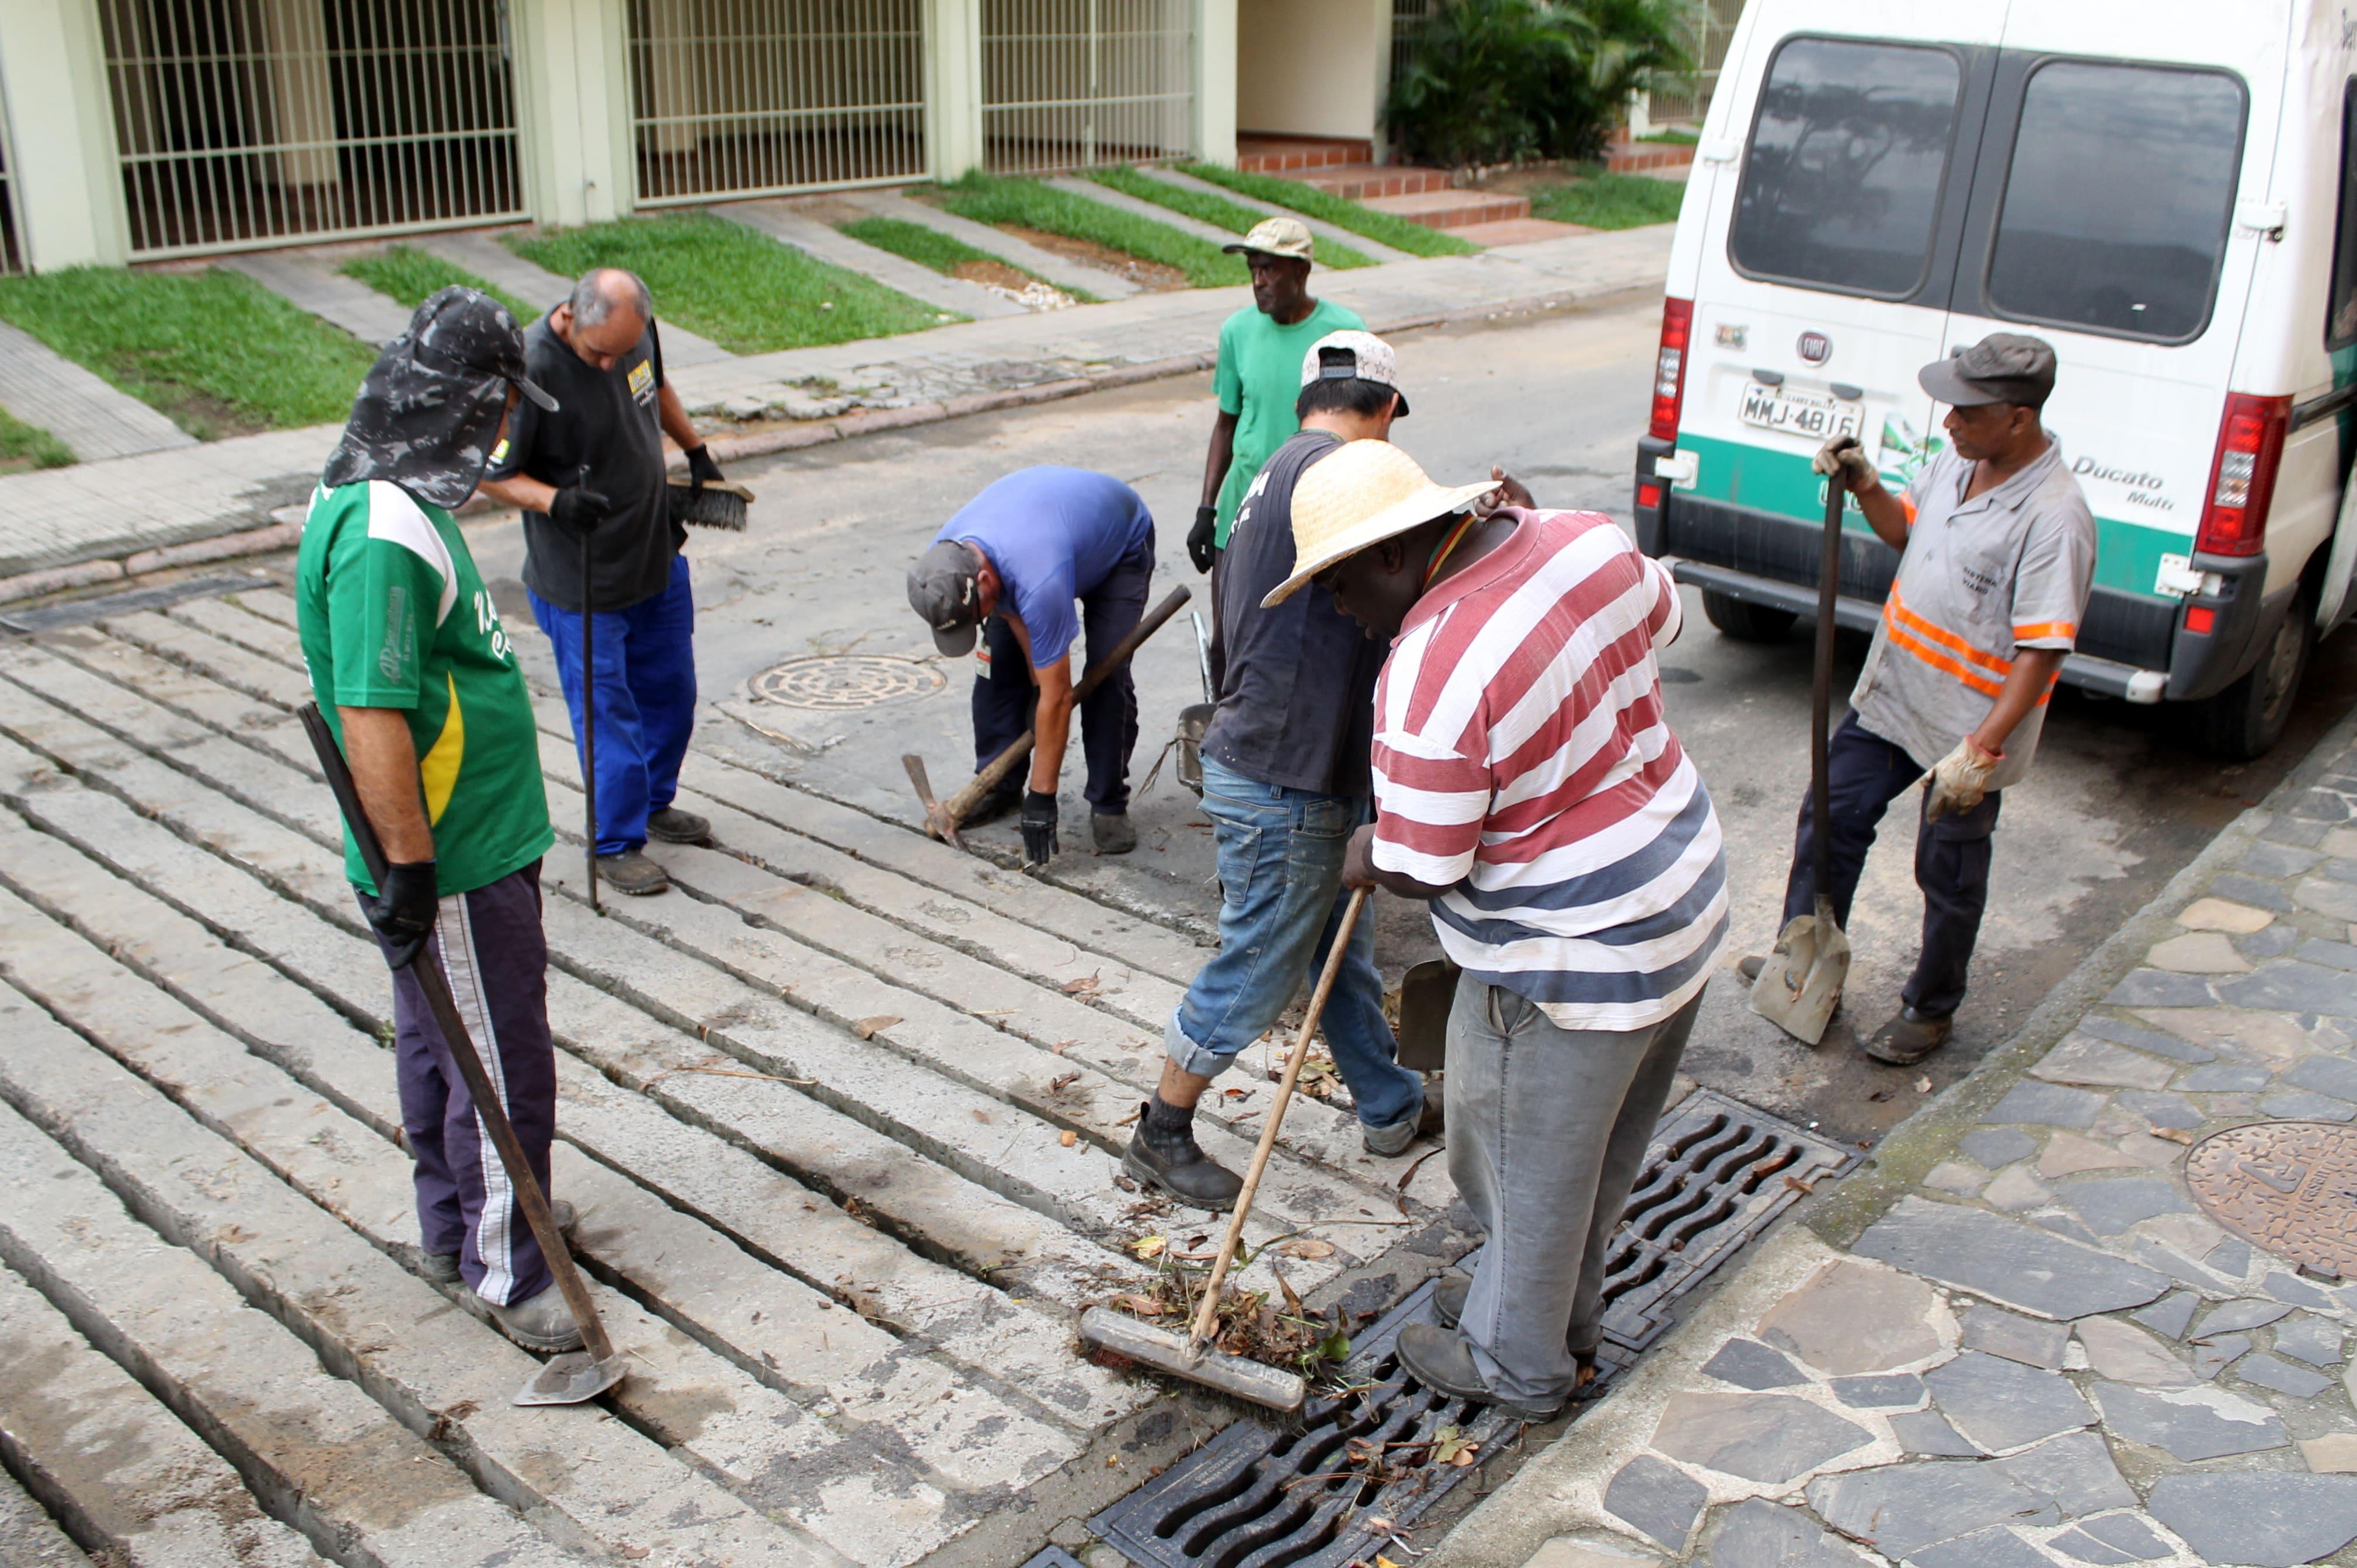 Prefeitura Municipal de Criciúma - Limpeza de bocas de lobo e rios é intensificada em Criciúma